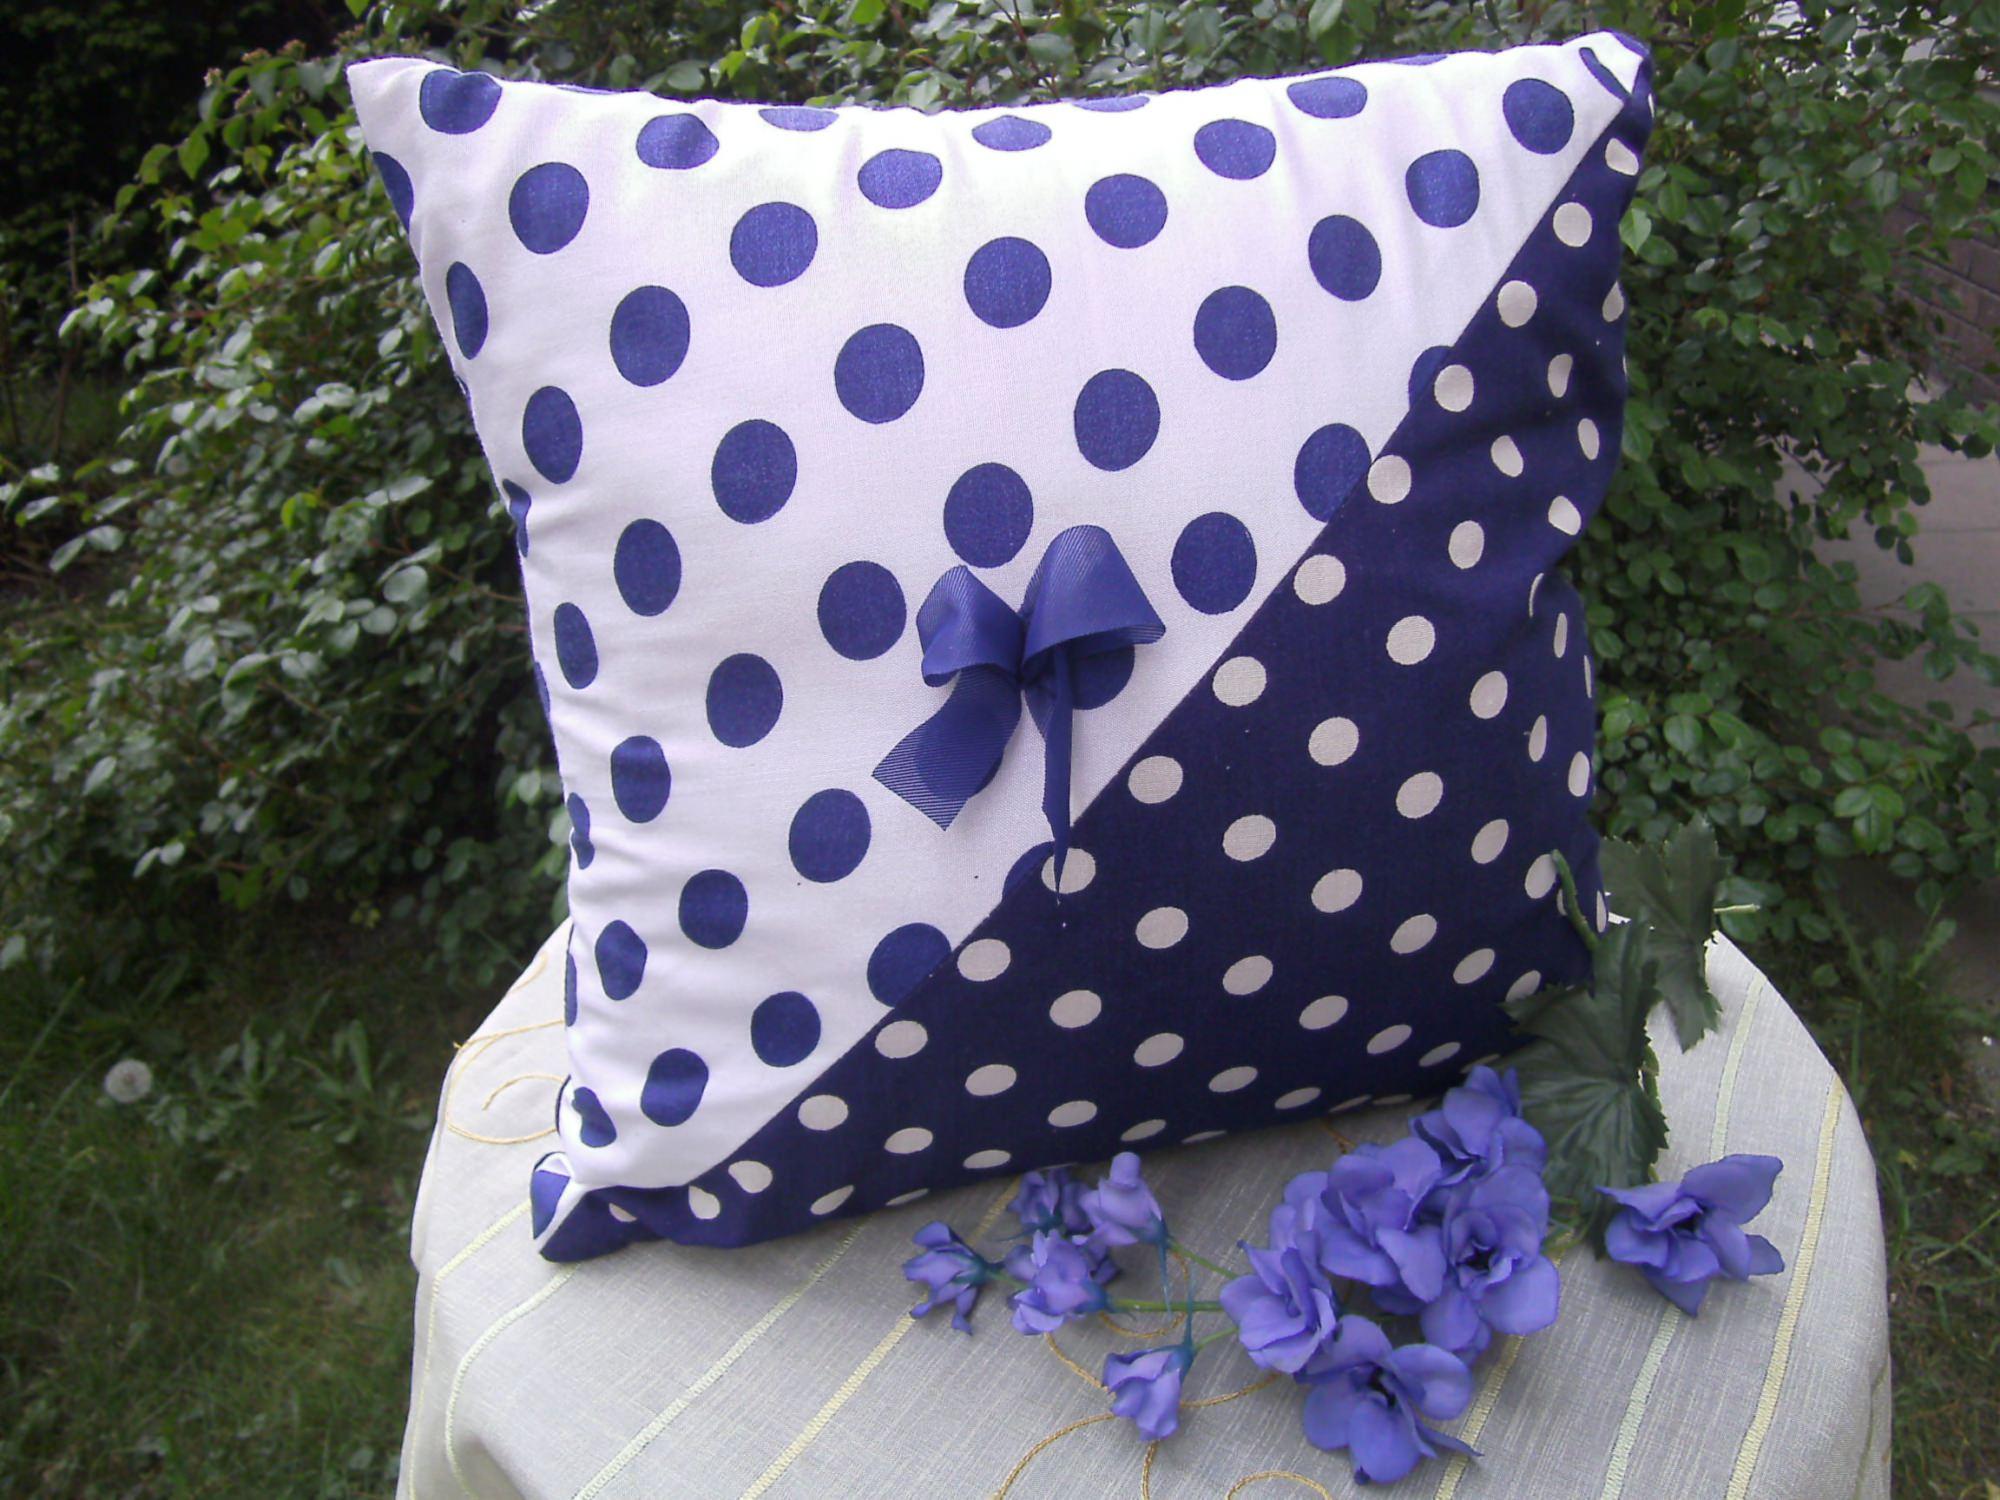 - blau-weiß-gepunktetes Kissen - blau-weiß-gepunktetes Kissen